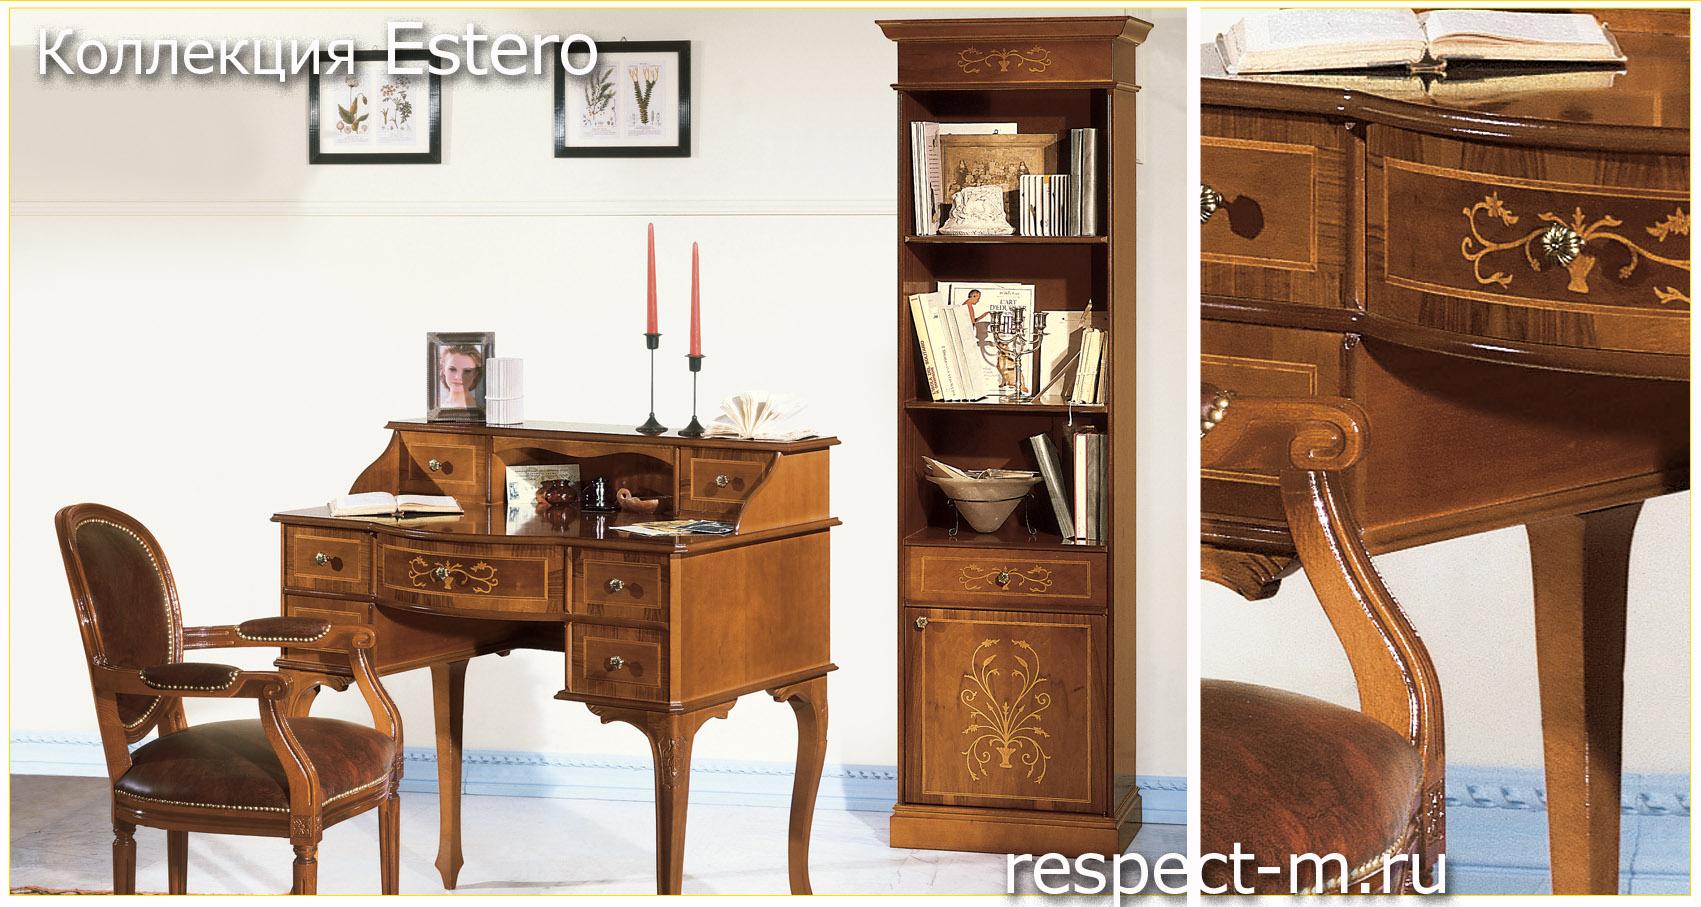 Стеллаж каталог мебели: стол, шкаф, кровать, кресло, диваны.